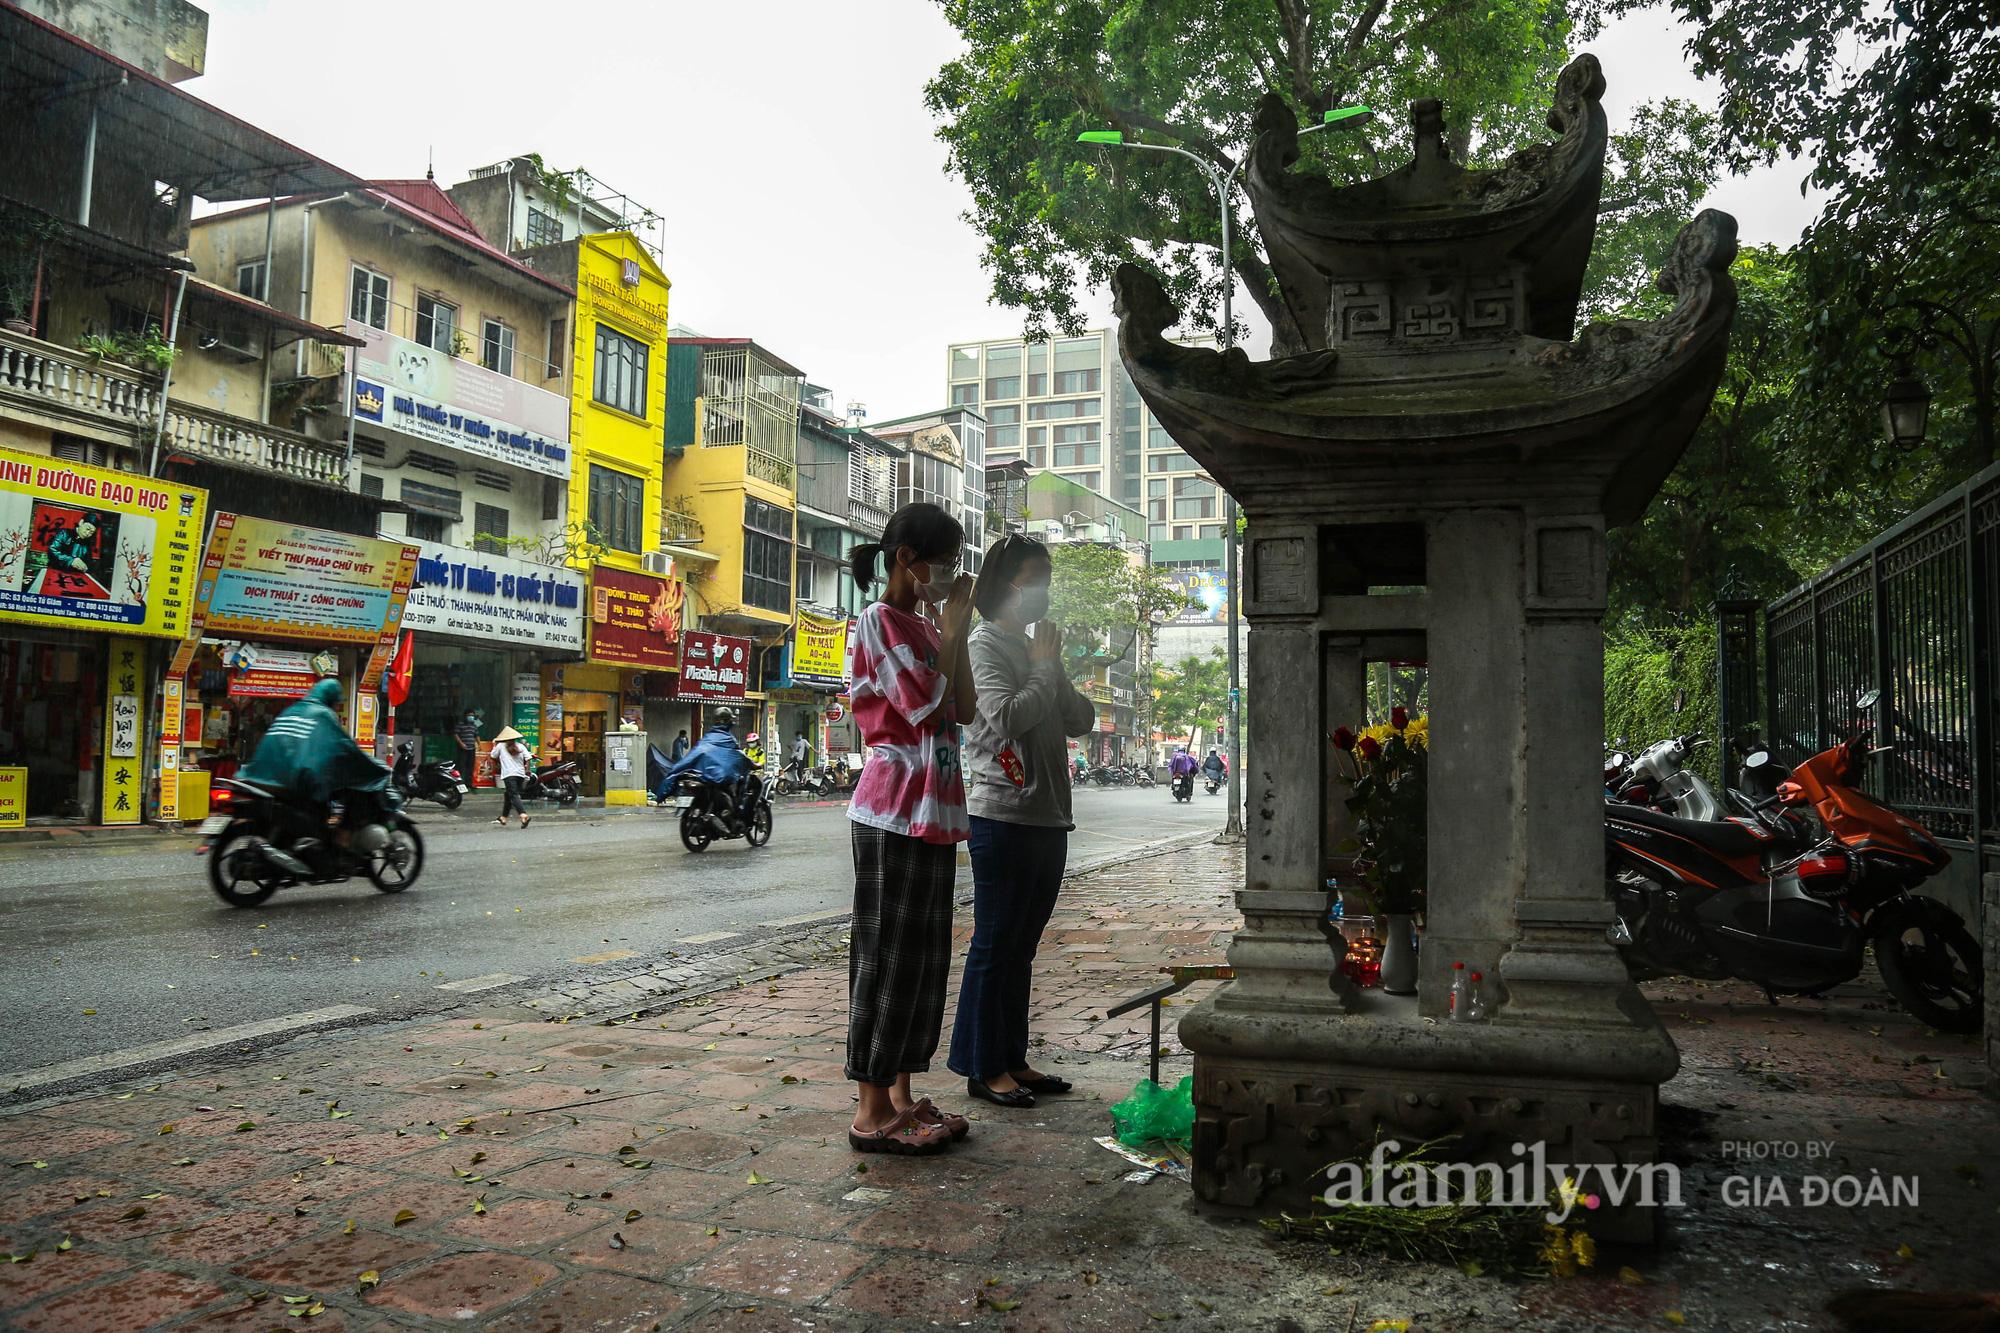 Sĩ tử Hà Nội cùng phụ huynh đội mưa đi lễ cầu may trước ngày thi vào lớp 10-1